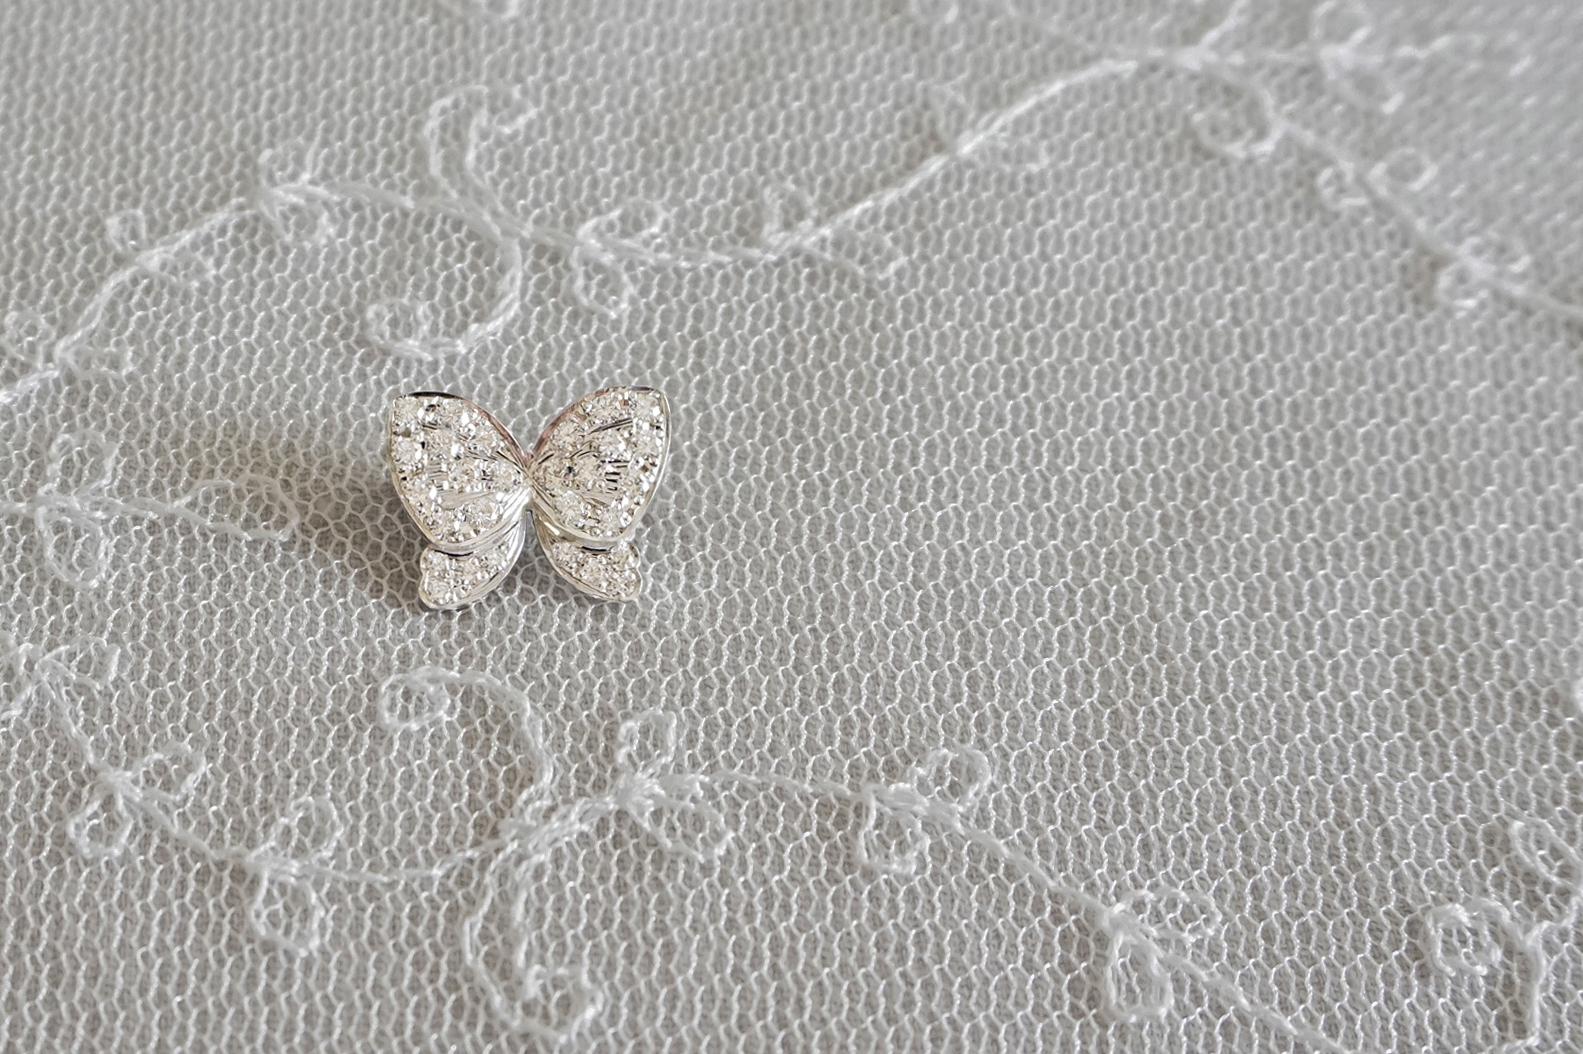 バタフライのダイアモンドブローチ